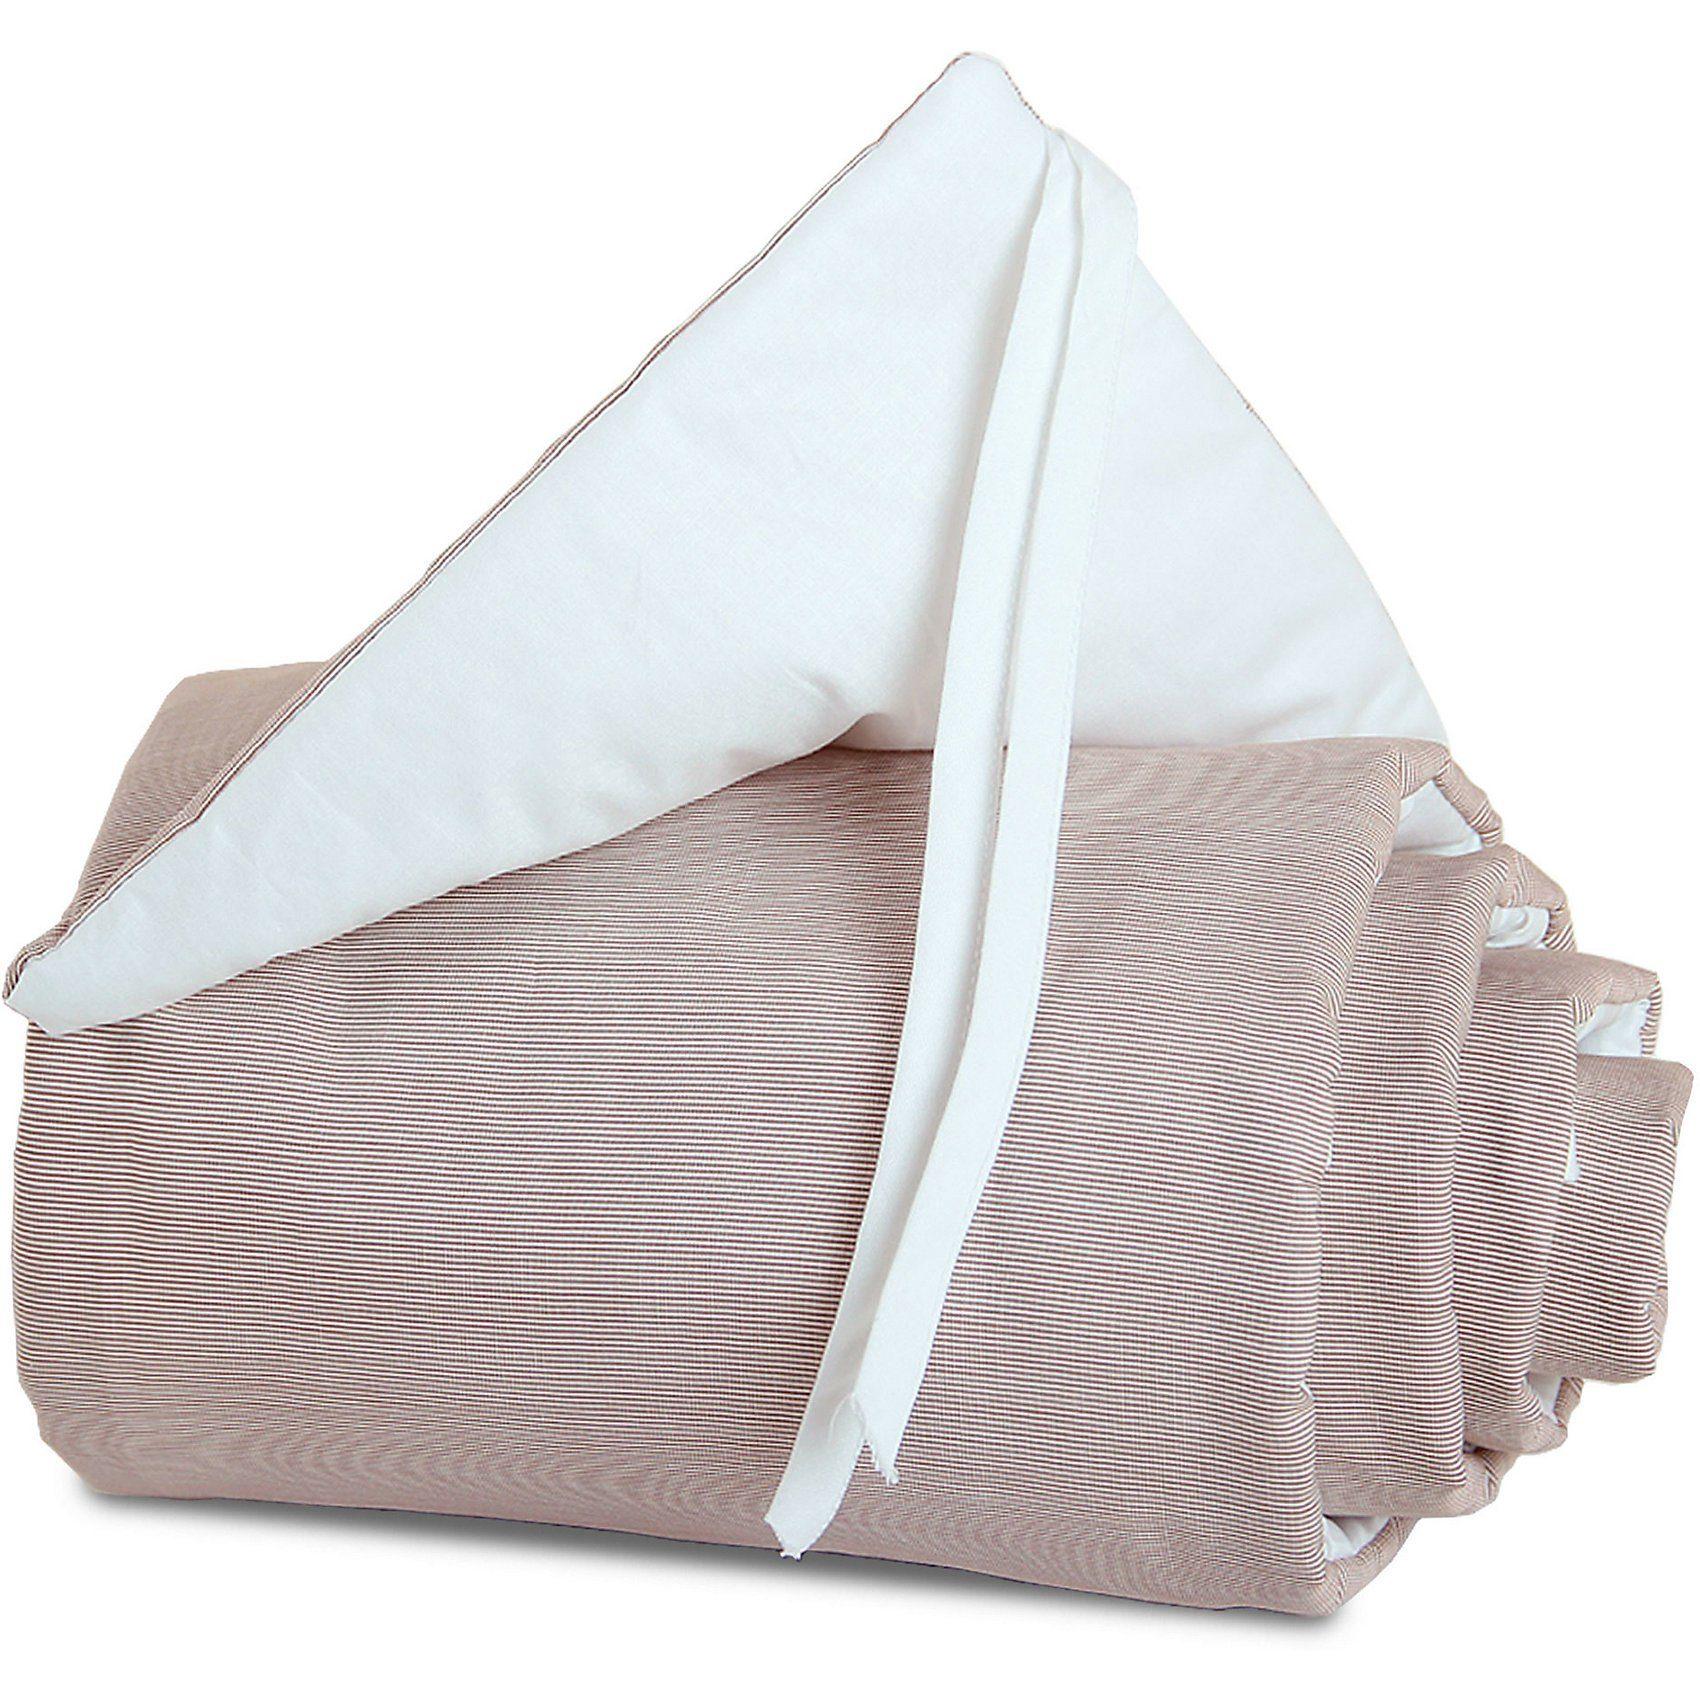 Tobi Nestchen für babybay mini/midi, braun, 157 x 25 cm